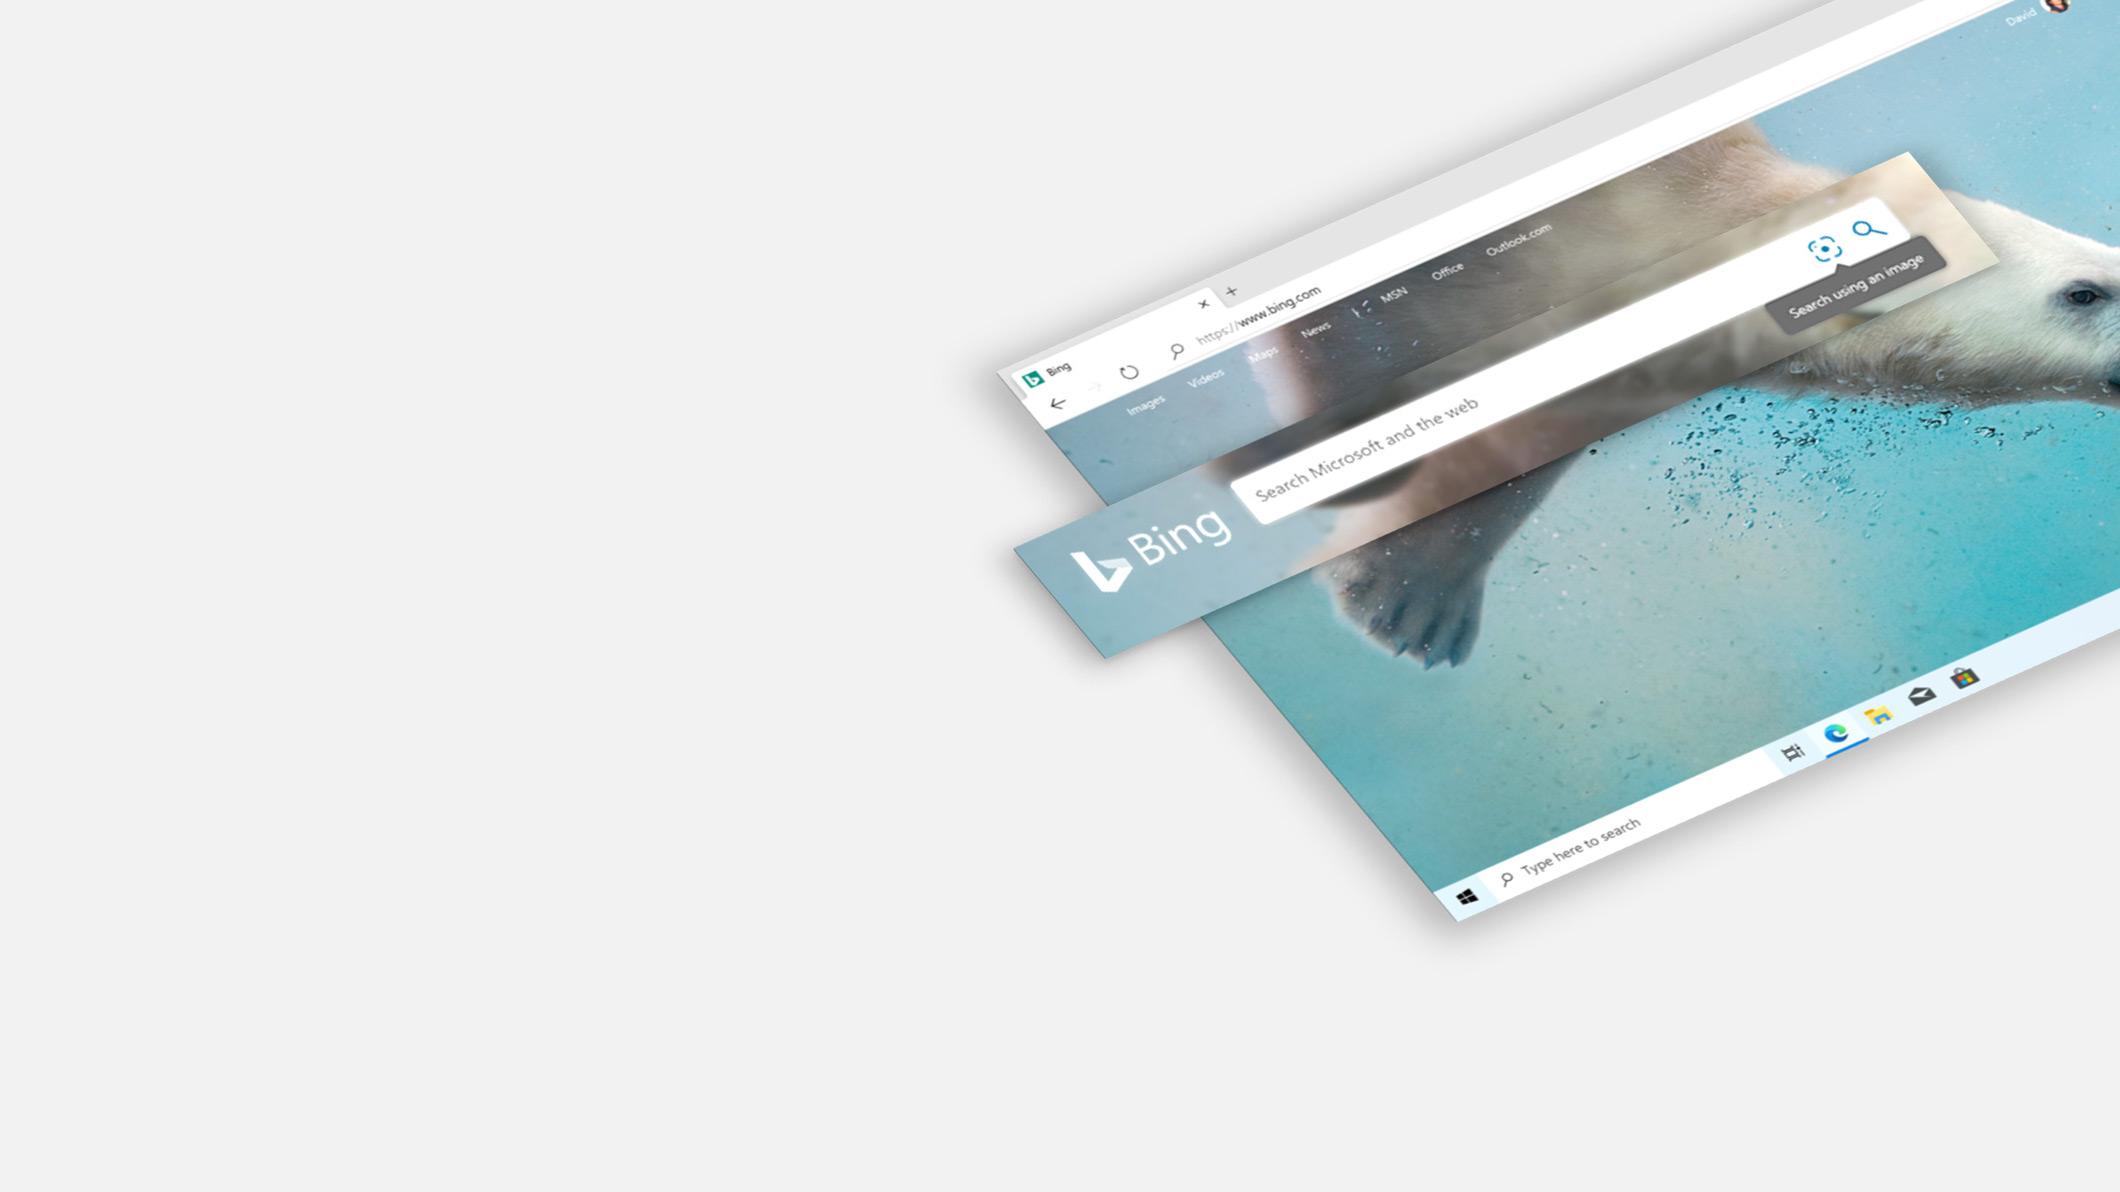 Startseite der Bing-Suche